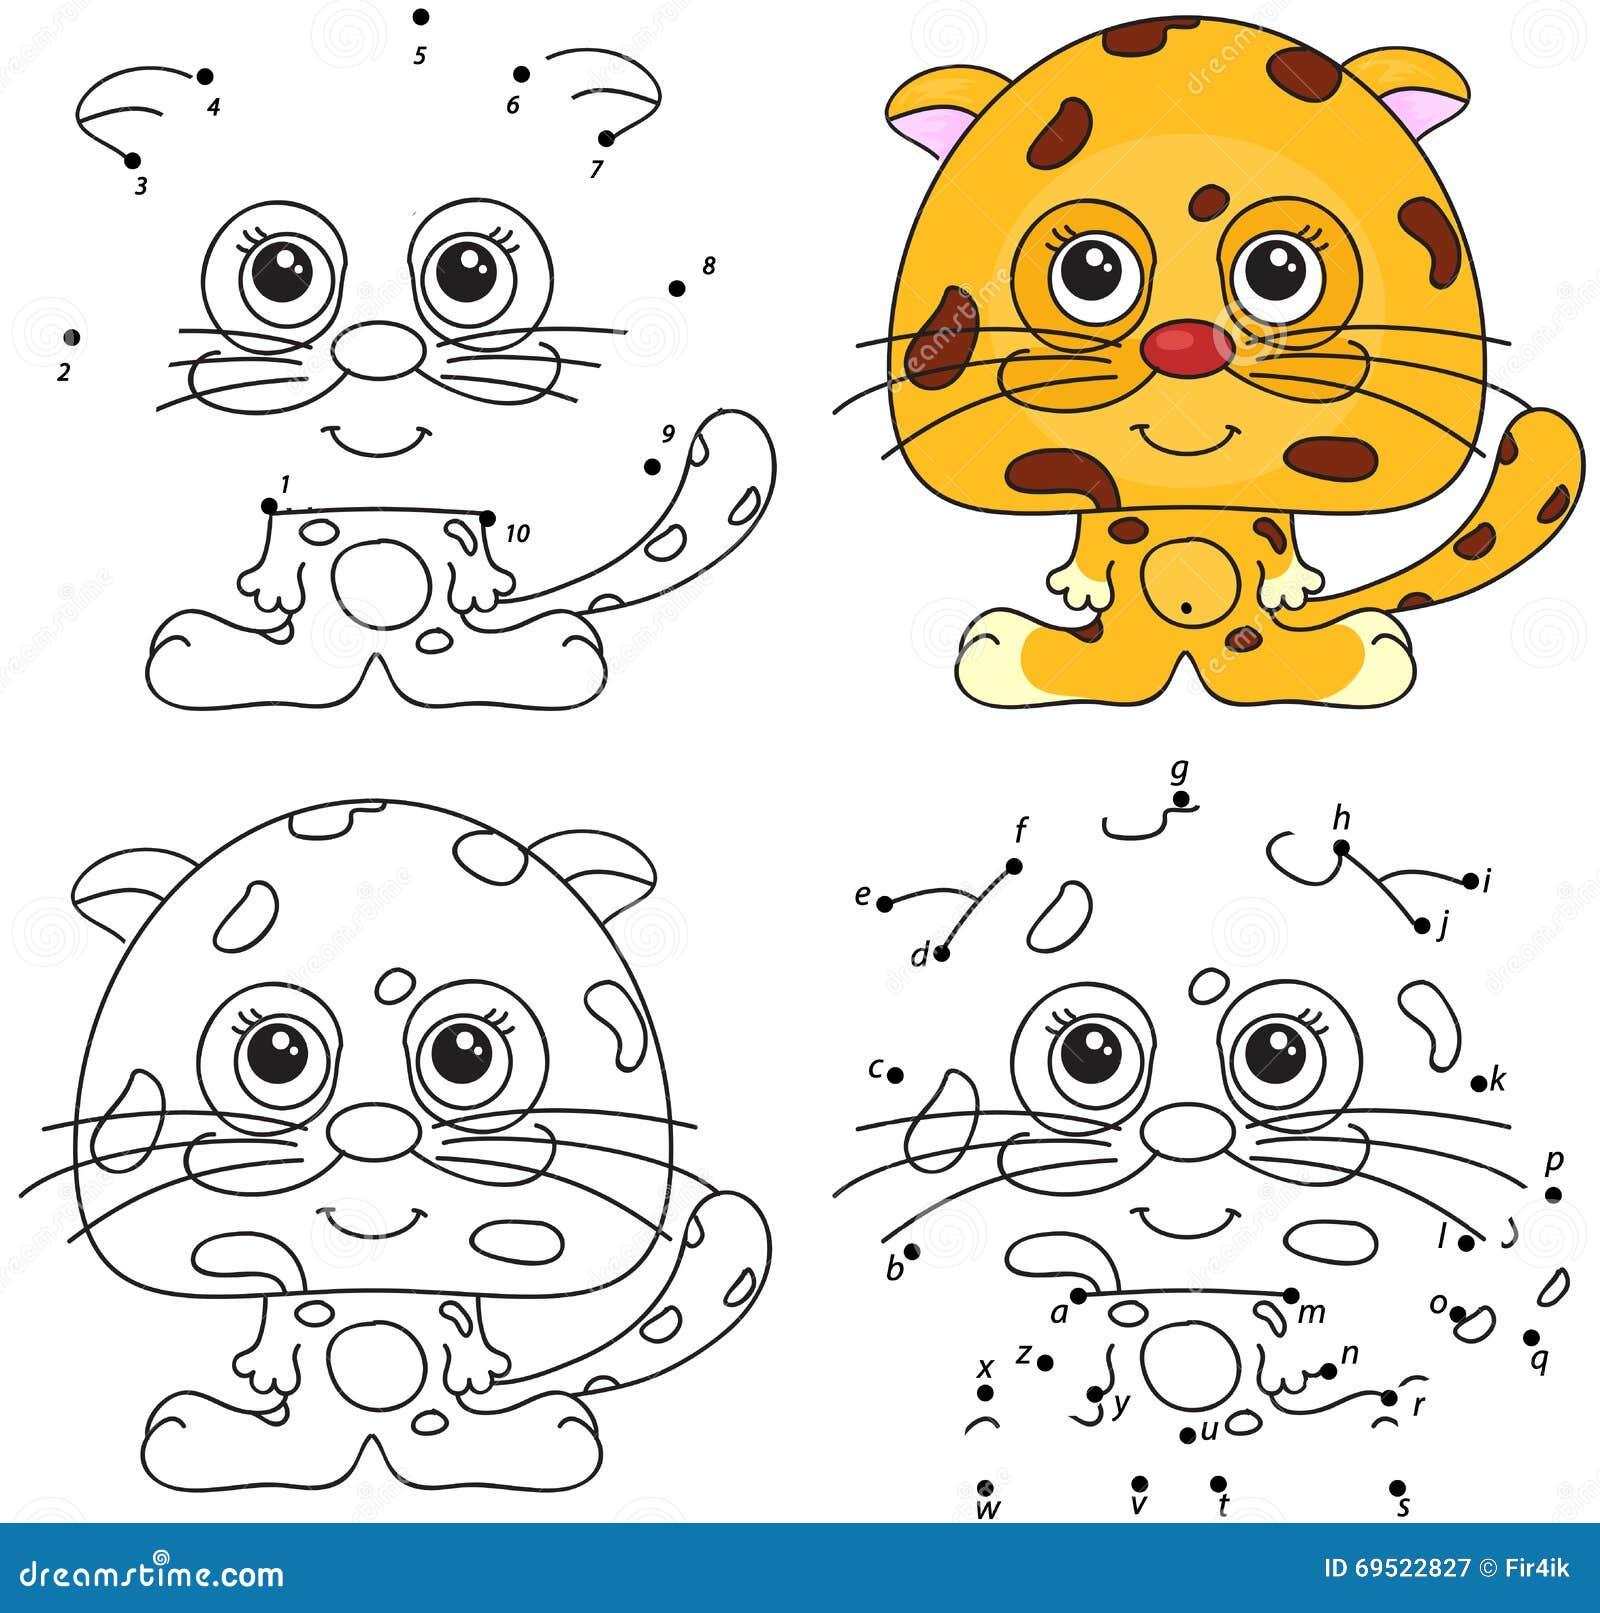 Royalty Free Vector Download Cartoon Jaguar Coloring Book